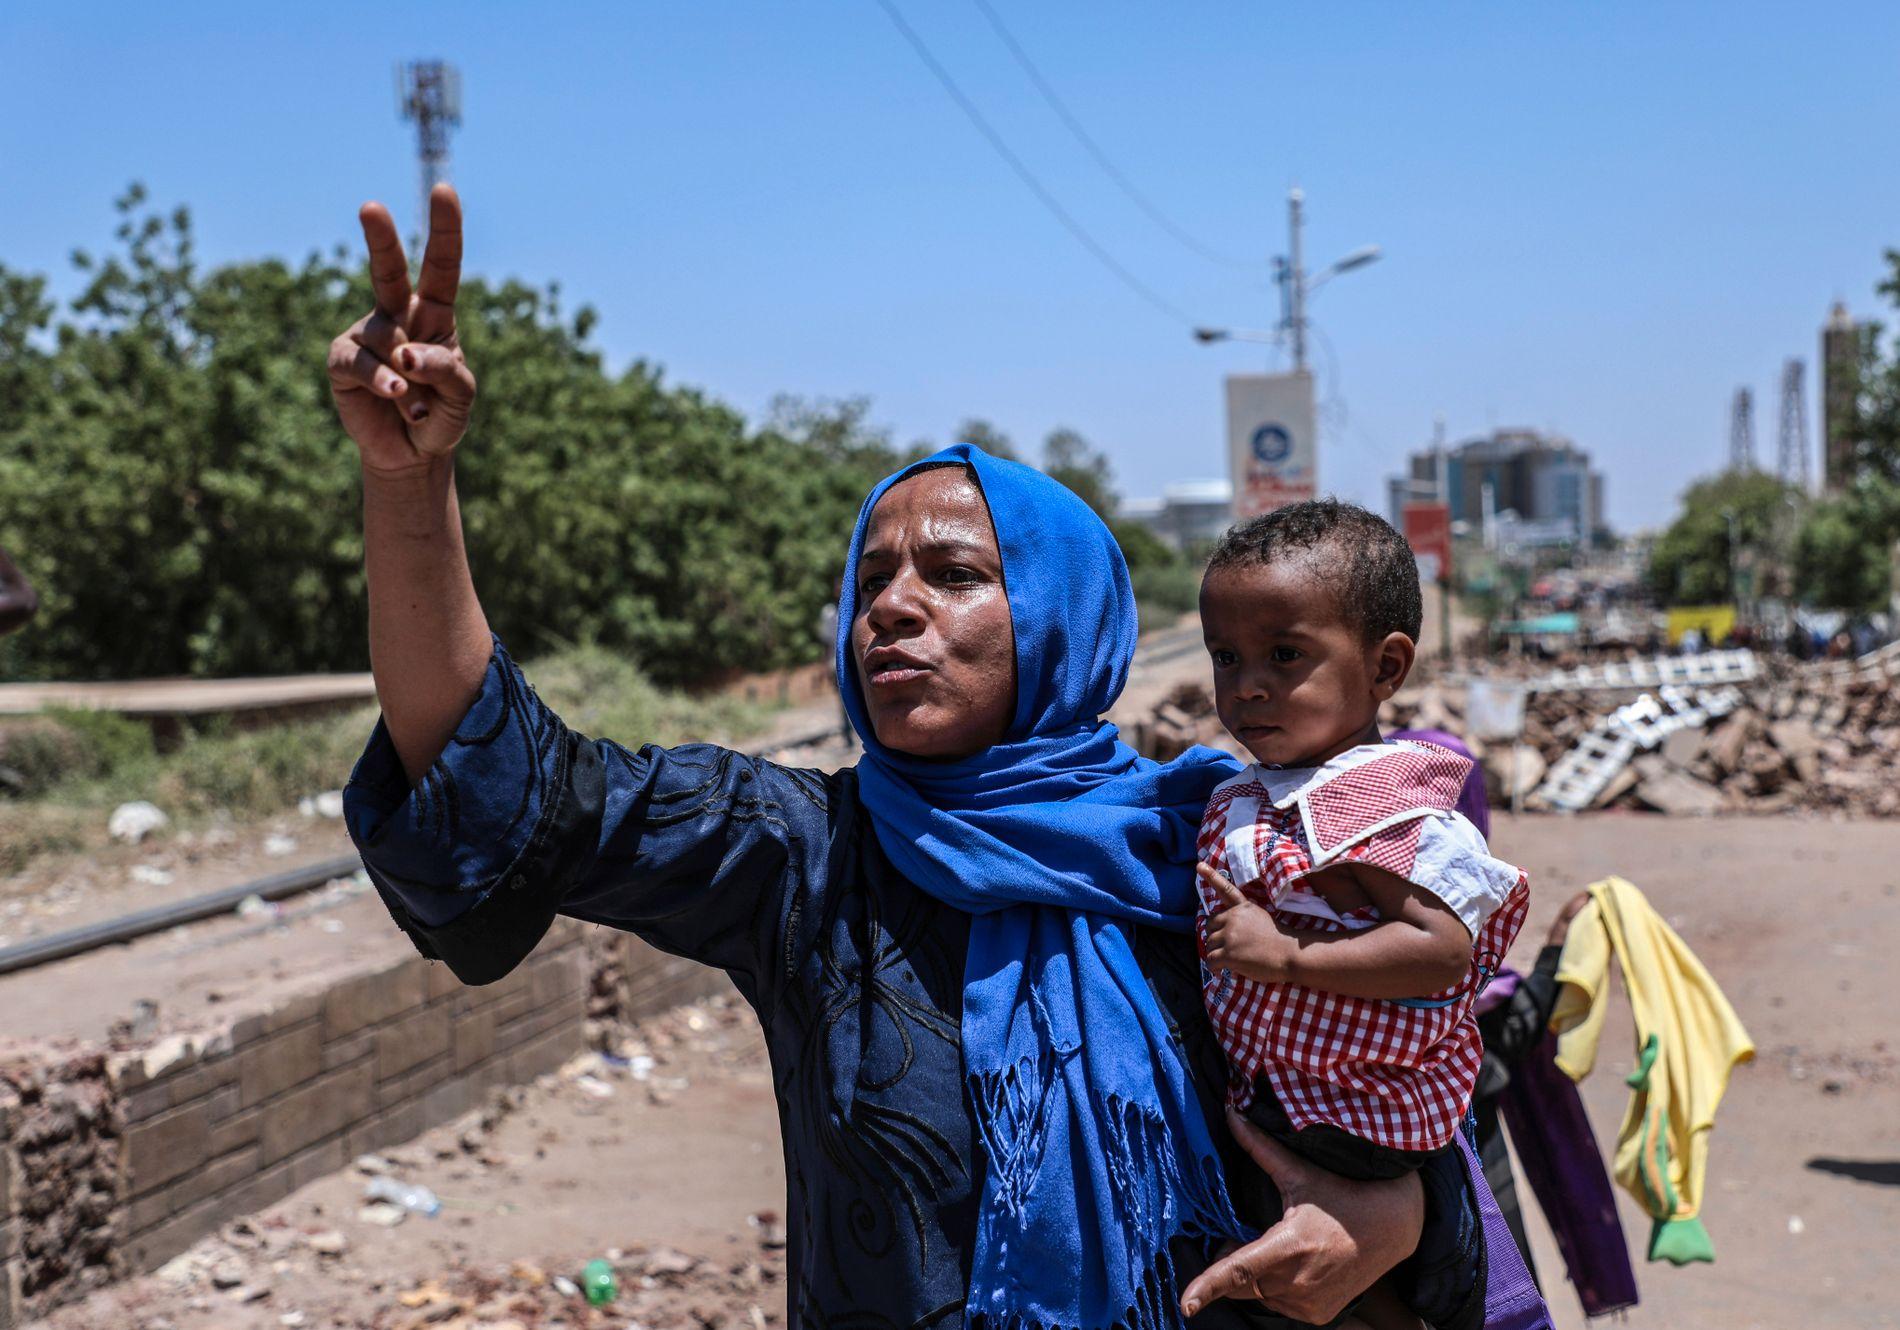 Demonstranter har i ukevis holdt en sitt-ned-aksjon i Sudans hovedstad Khartoum med krav om demokrati og reformer.